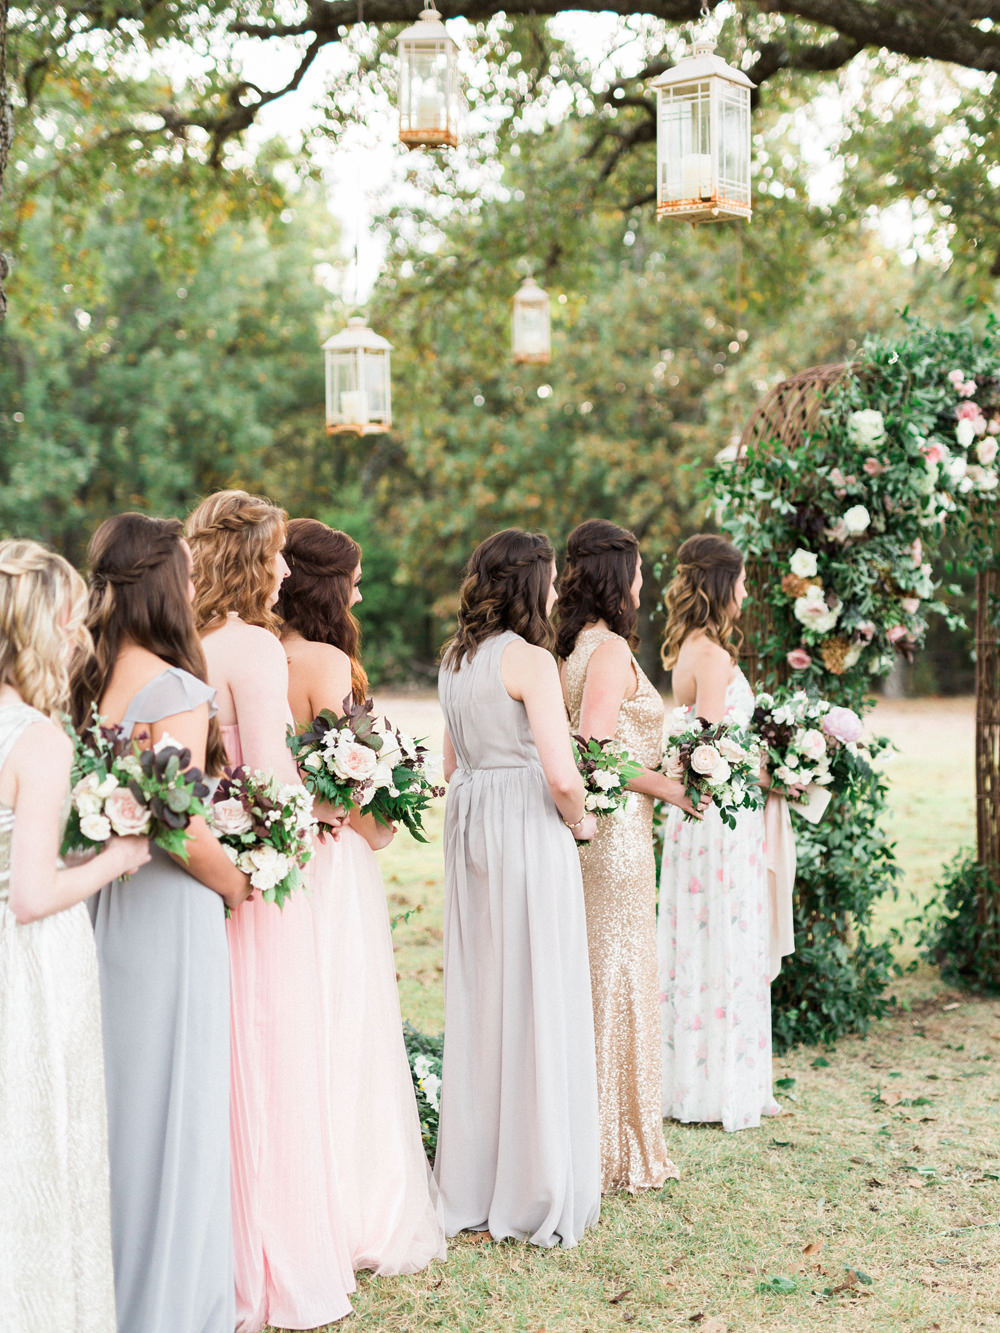 bridesmaids - photo by Elisabeth Carol Photography http://ruffledblog.com/picturesque-garden-wedding-at-white-sparrow-barn